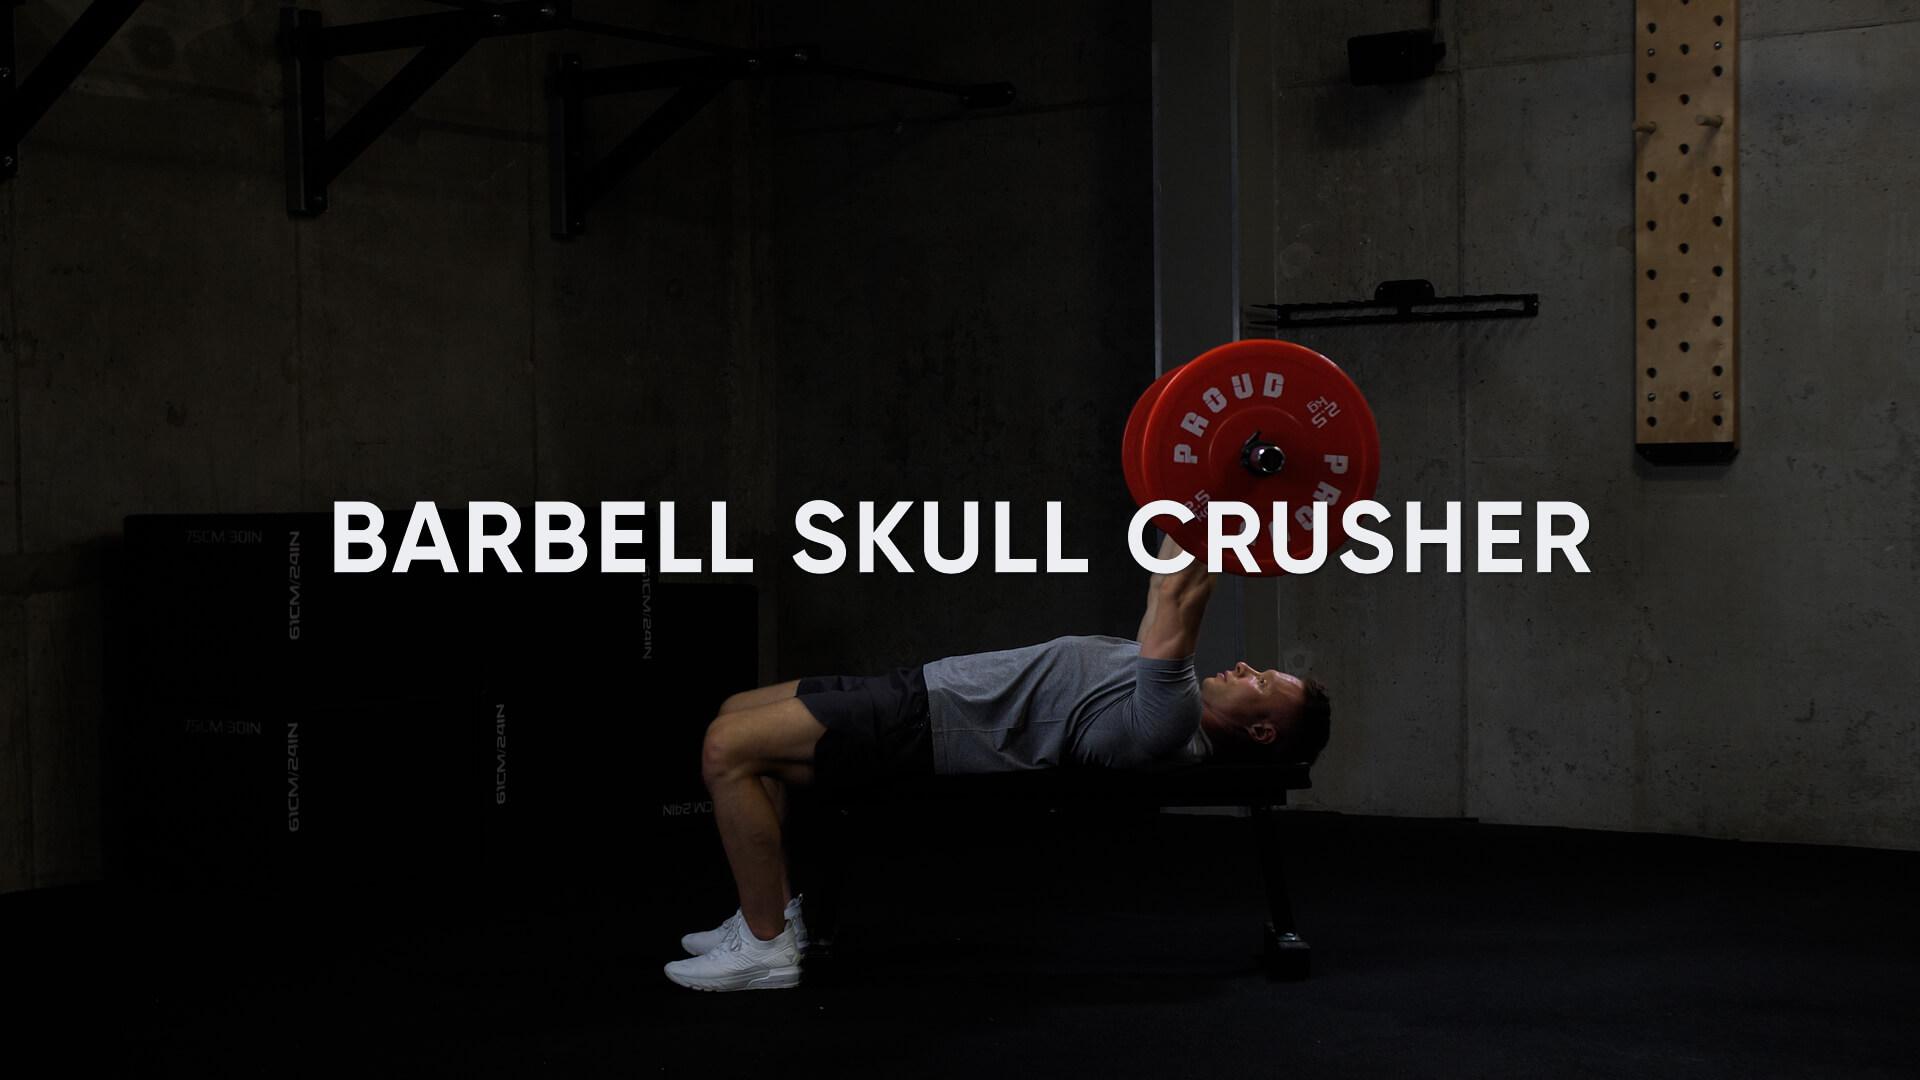 Barbell Skull Crusher